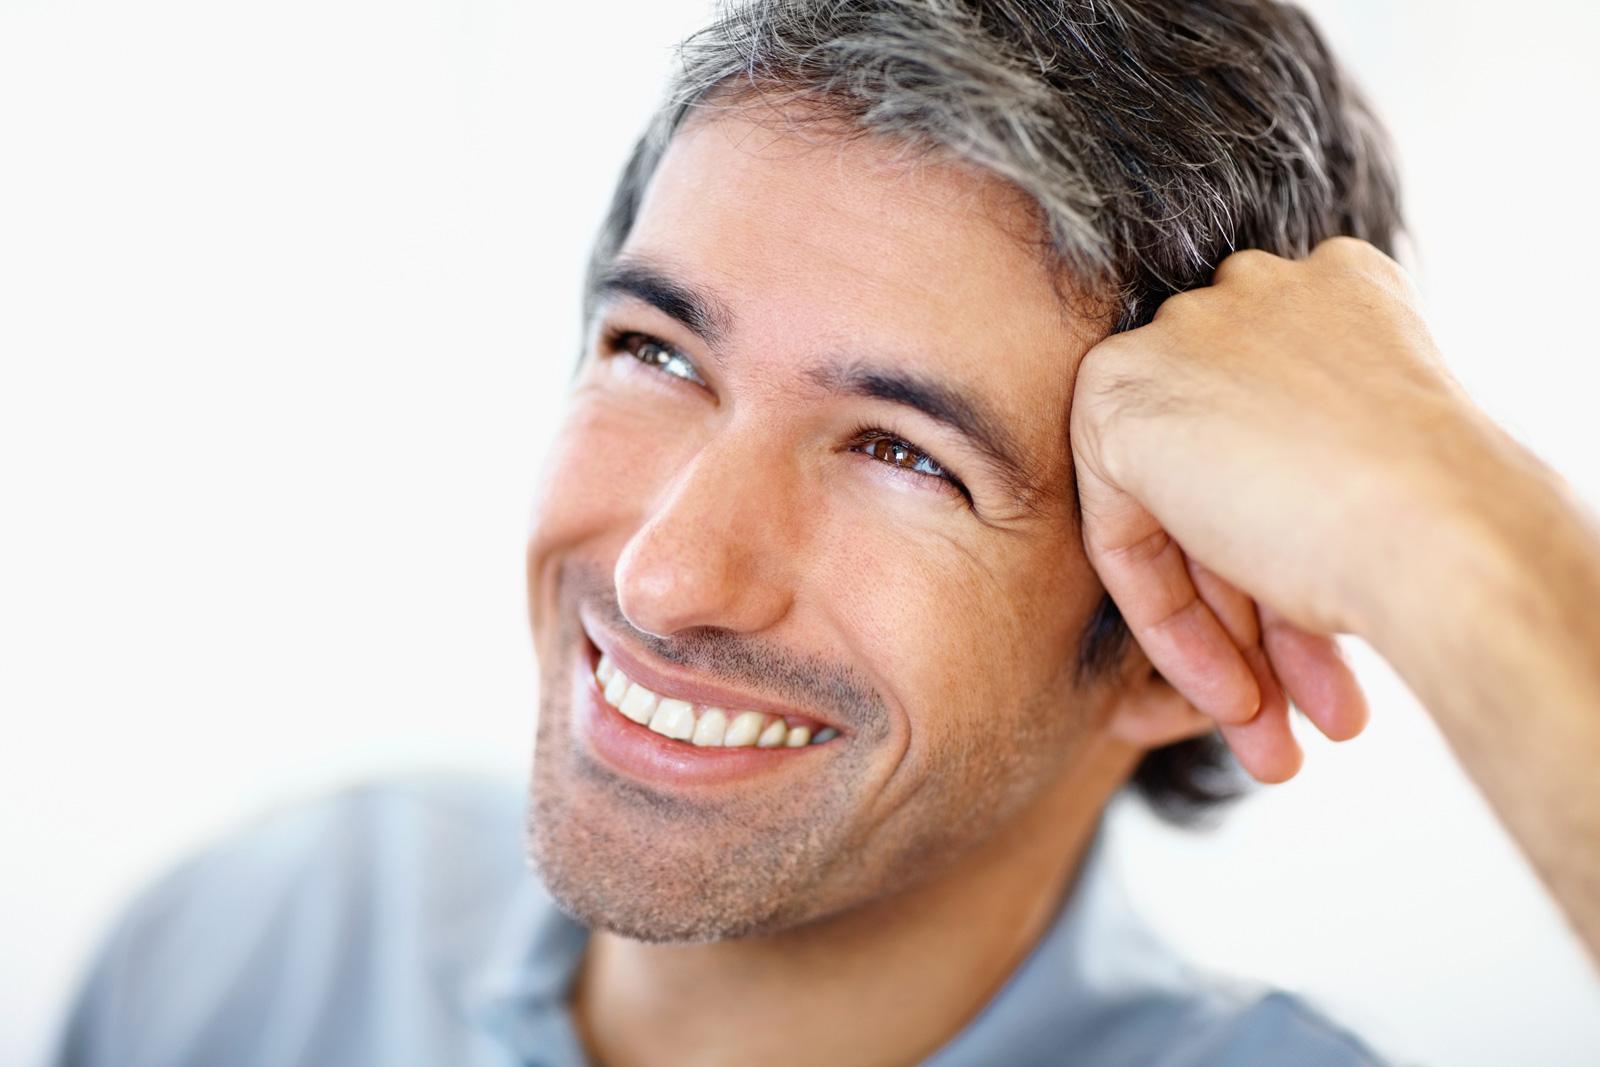 Что делать, если у молодого мужчины выпадают волосы?